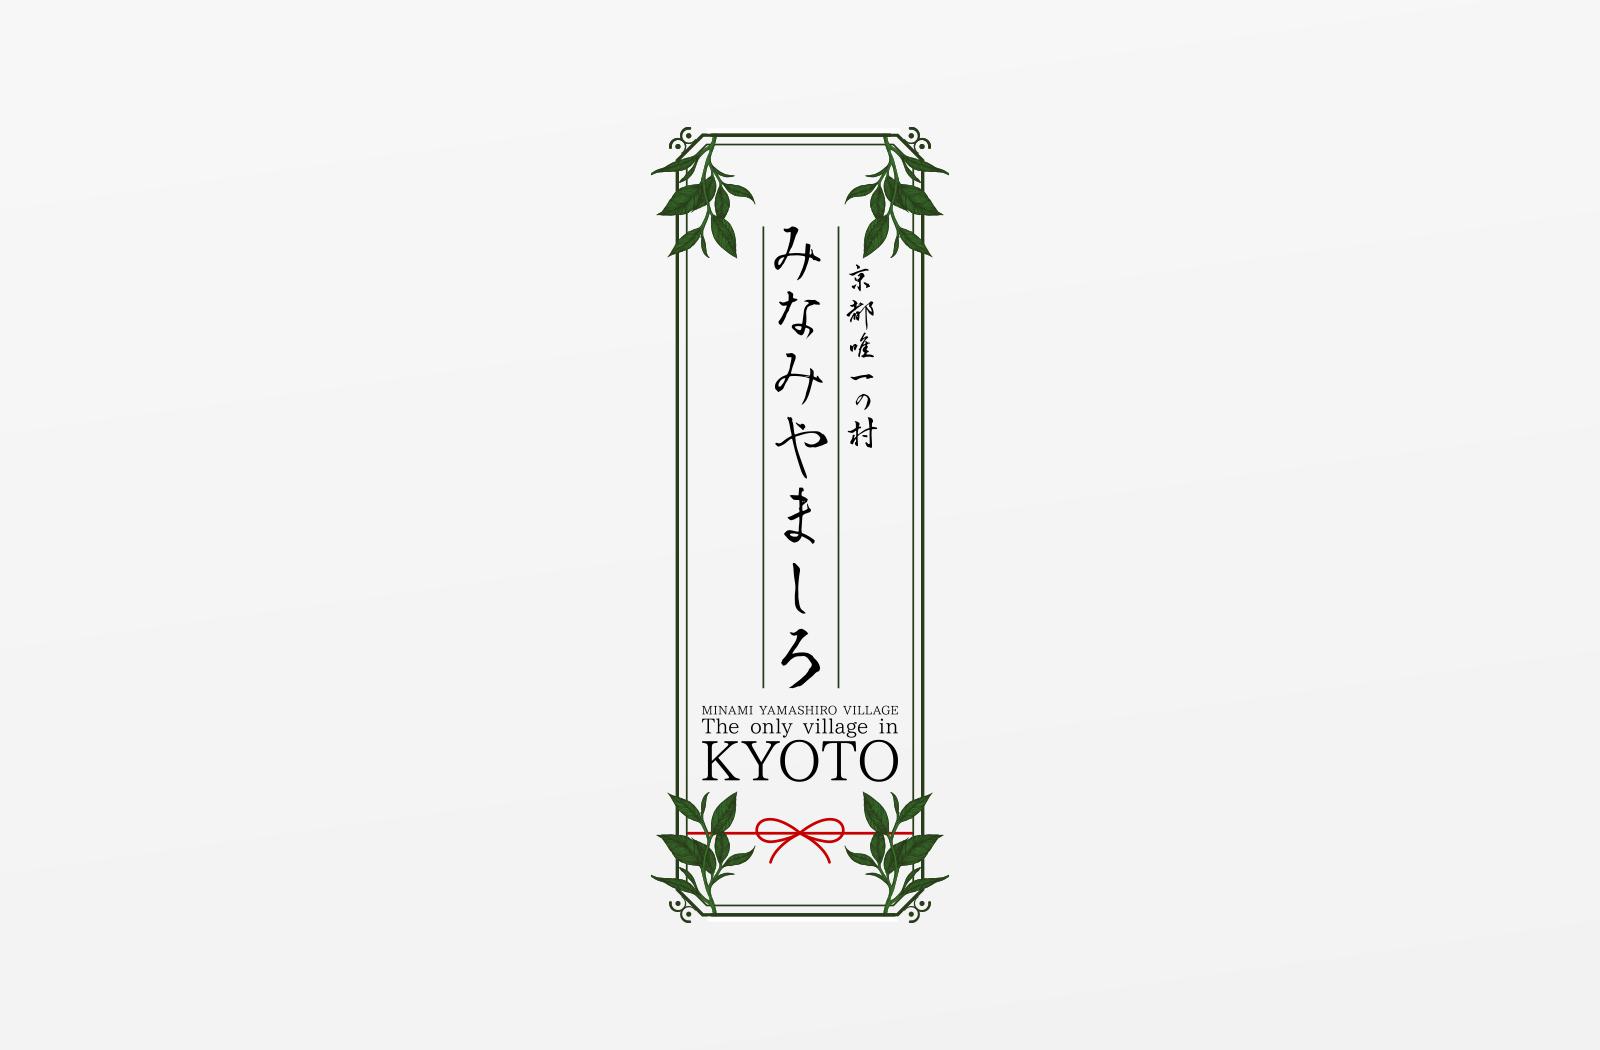 南山城村 ロゴデザイン